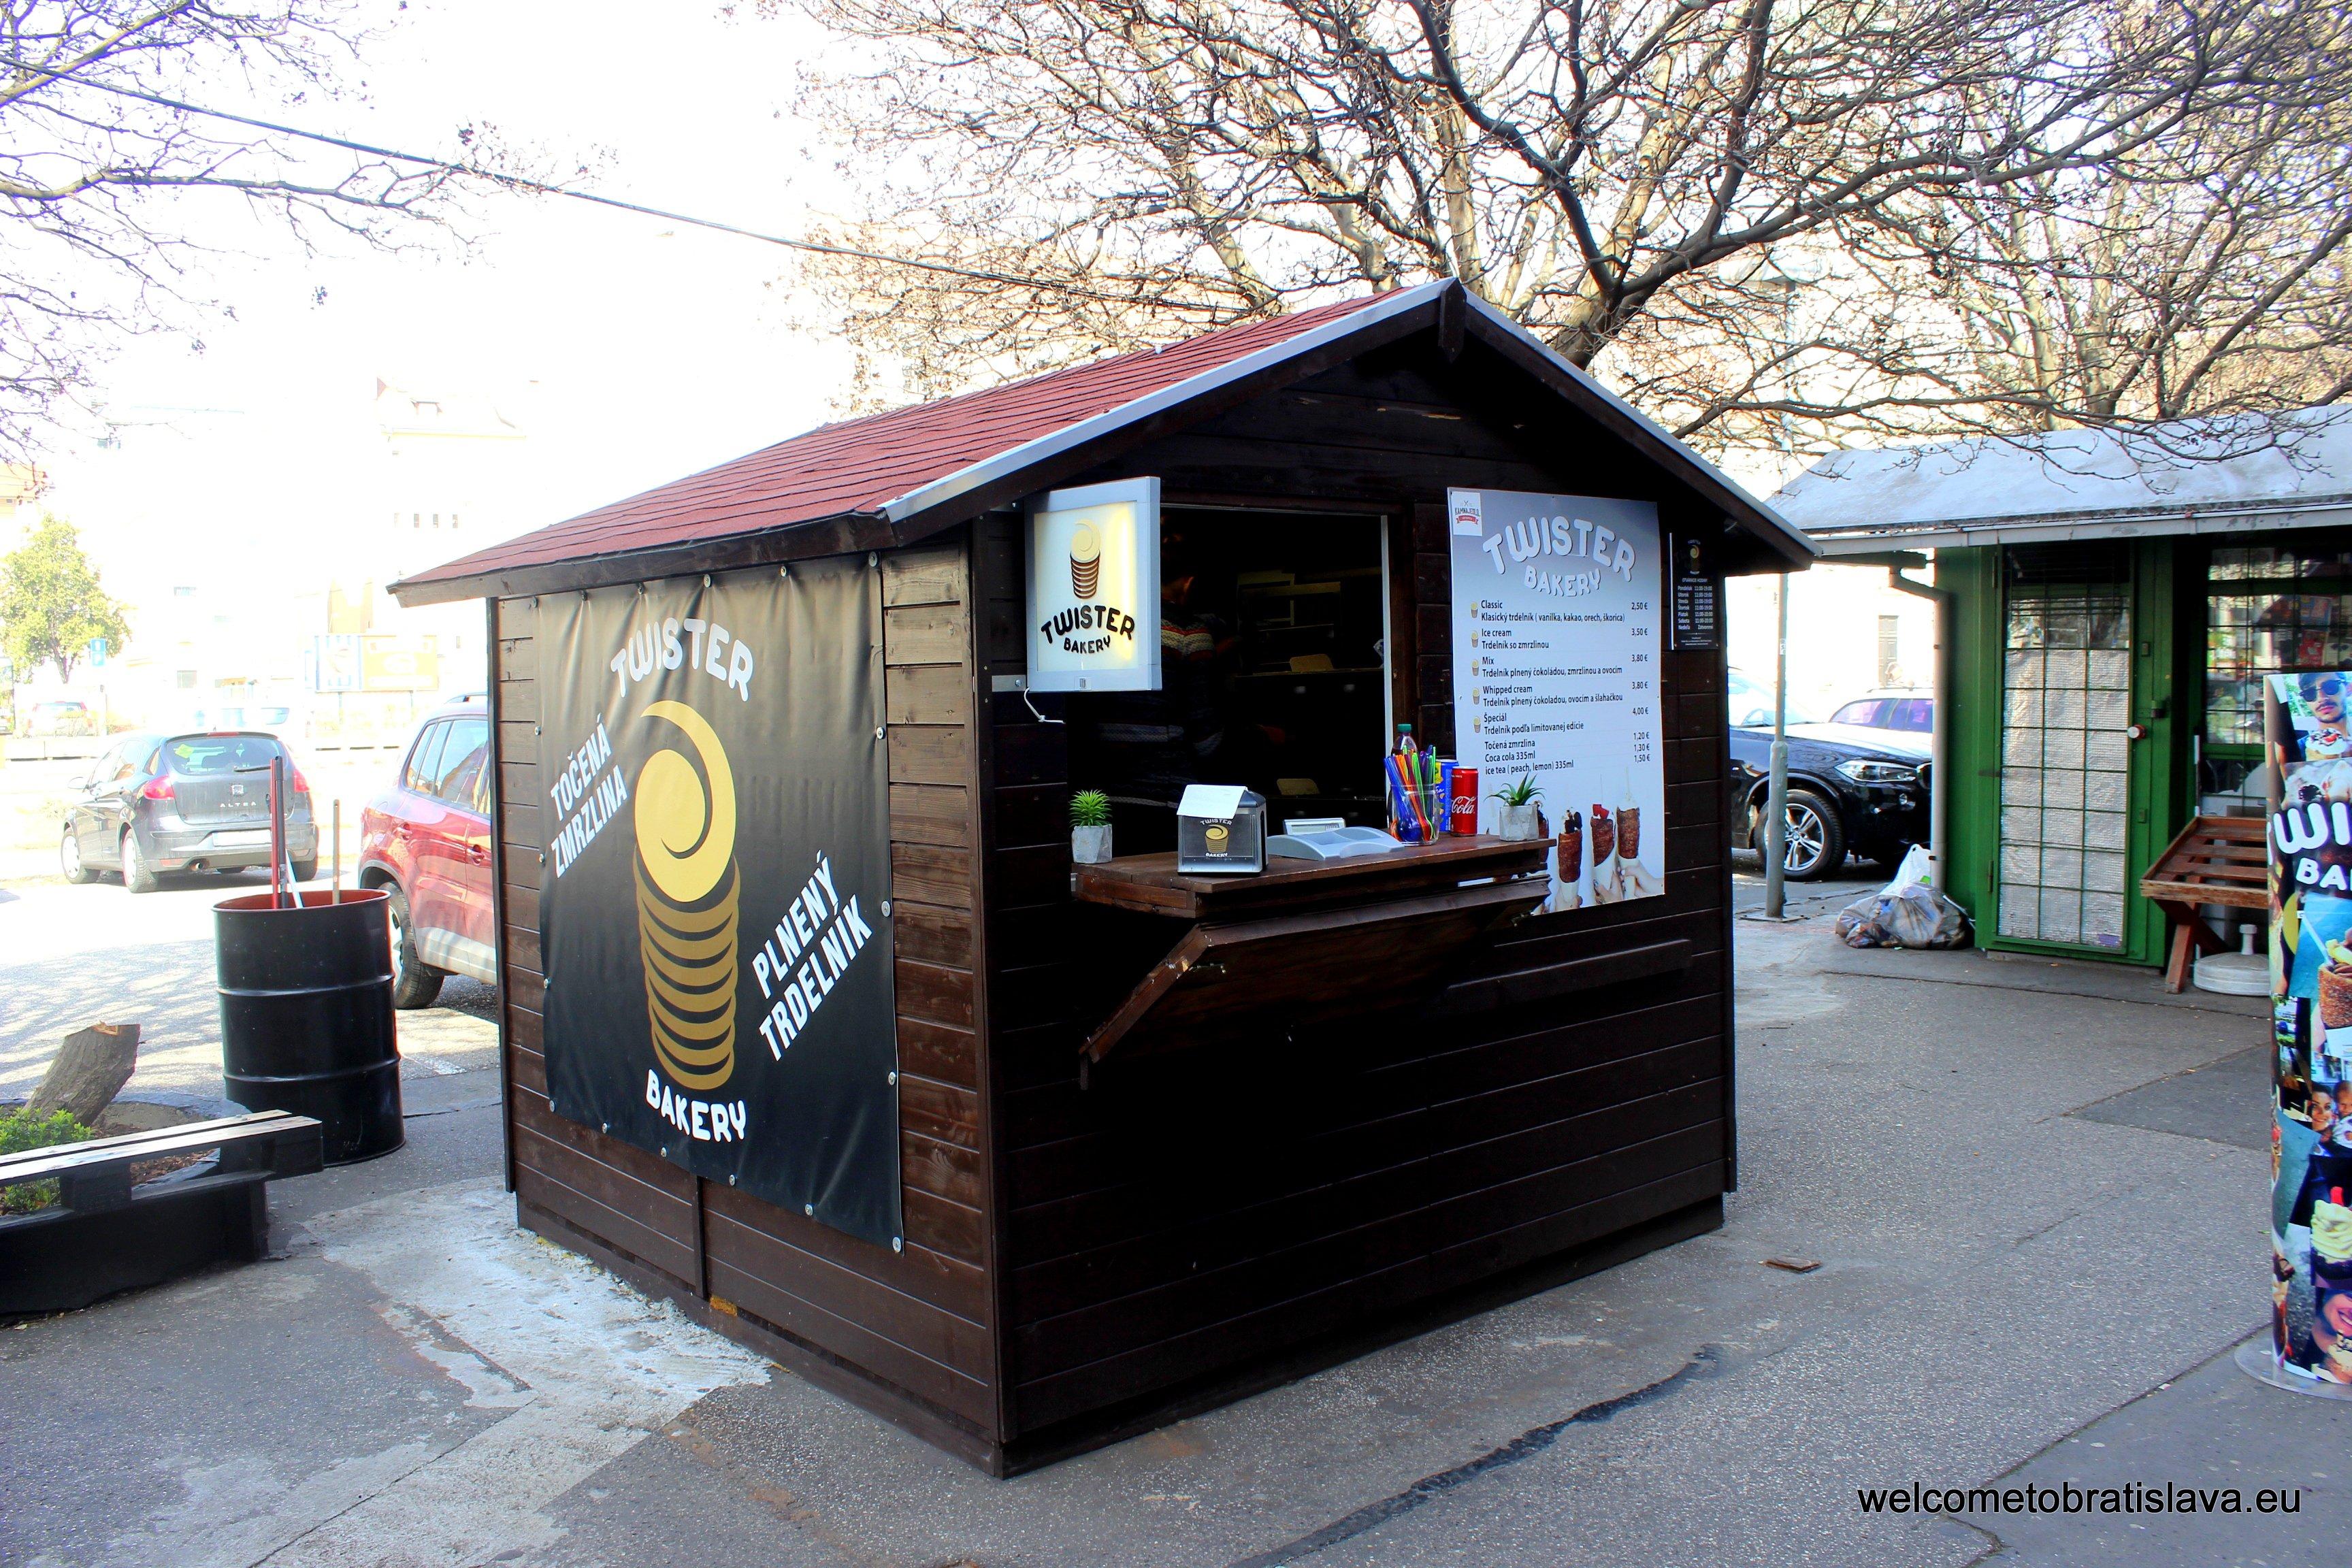 Best Street Food in Bratislava - Twister Bakery